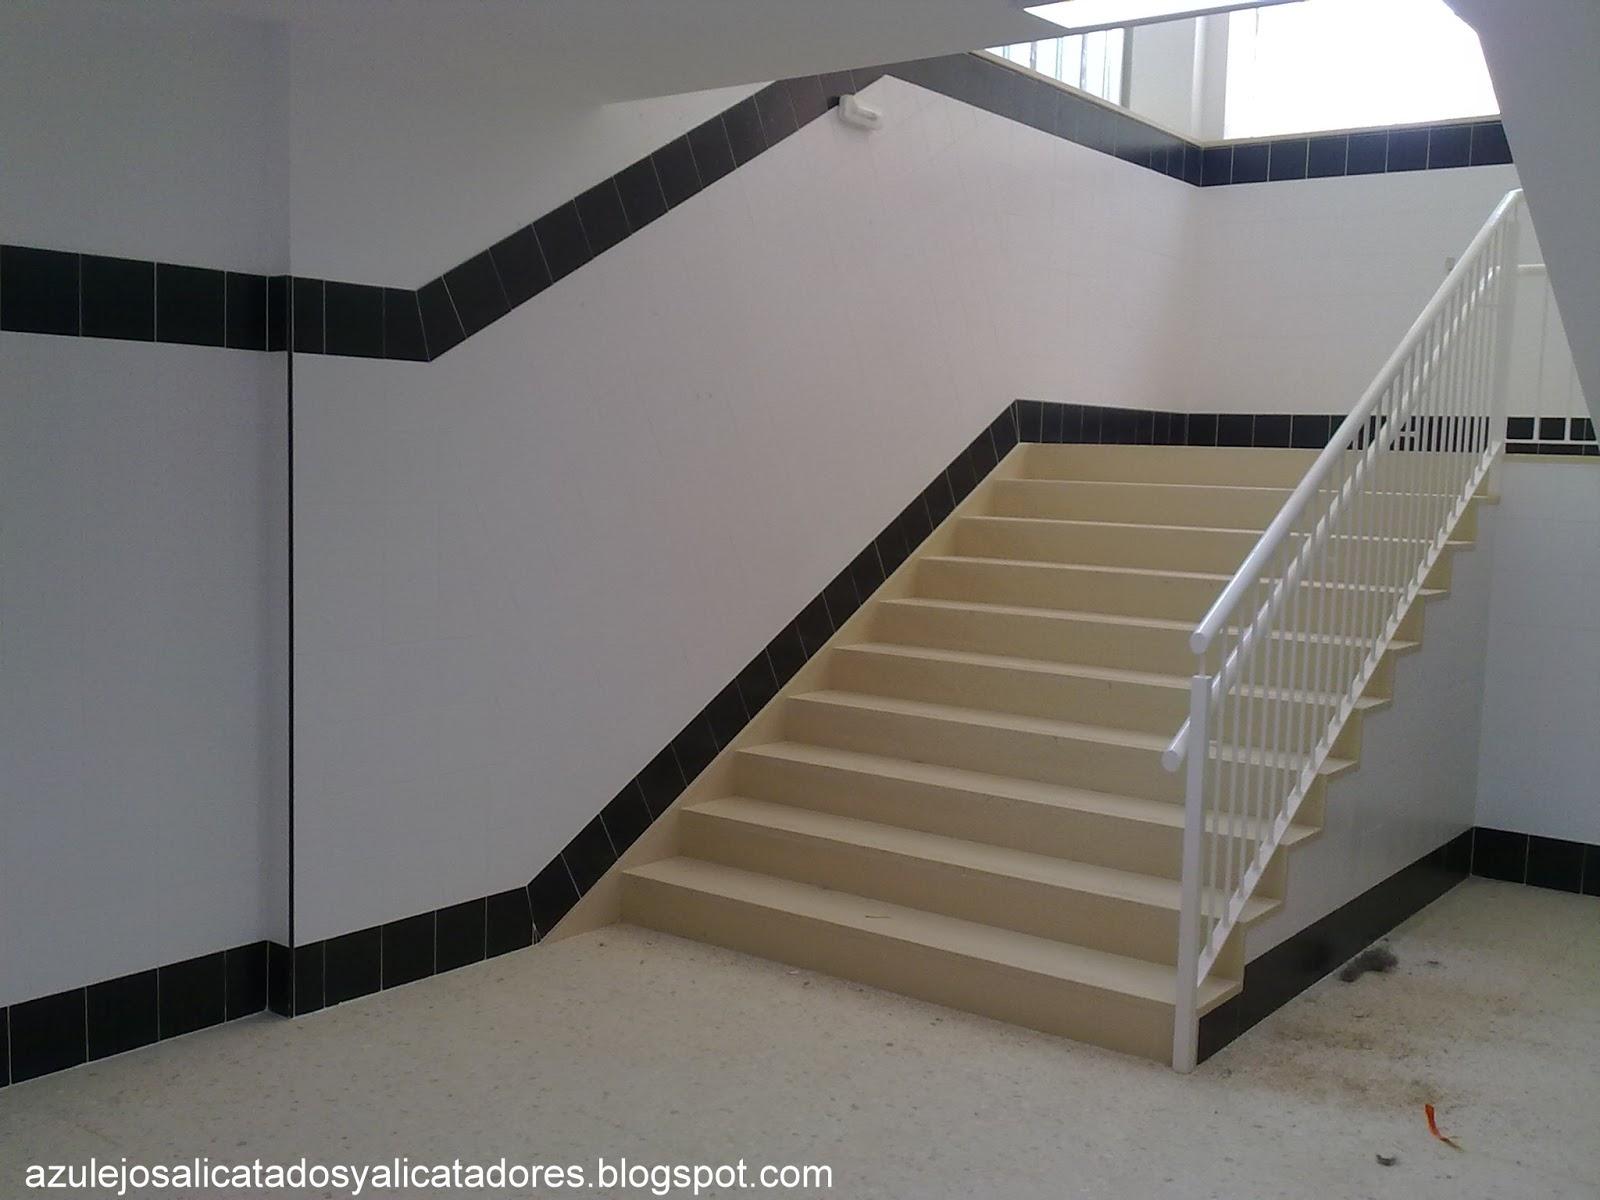 AZULEJOS, ALICATADOS Y ALICATADORES.: trazado abanico de escalera